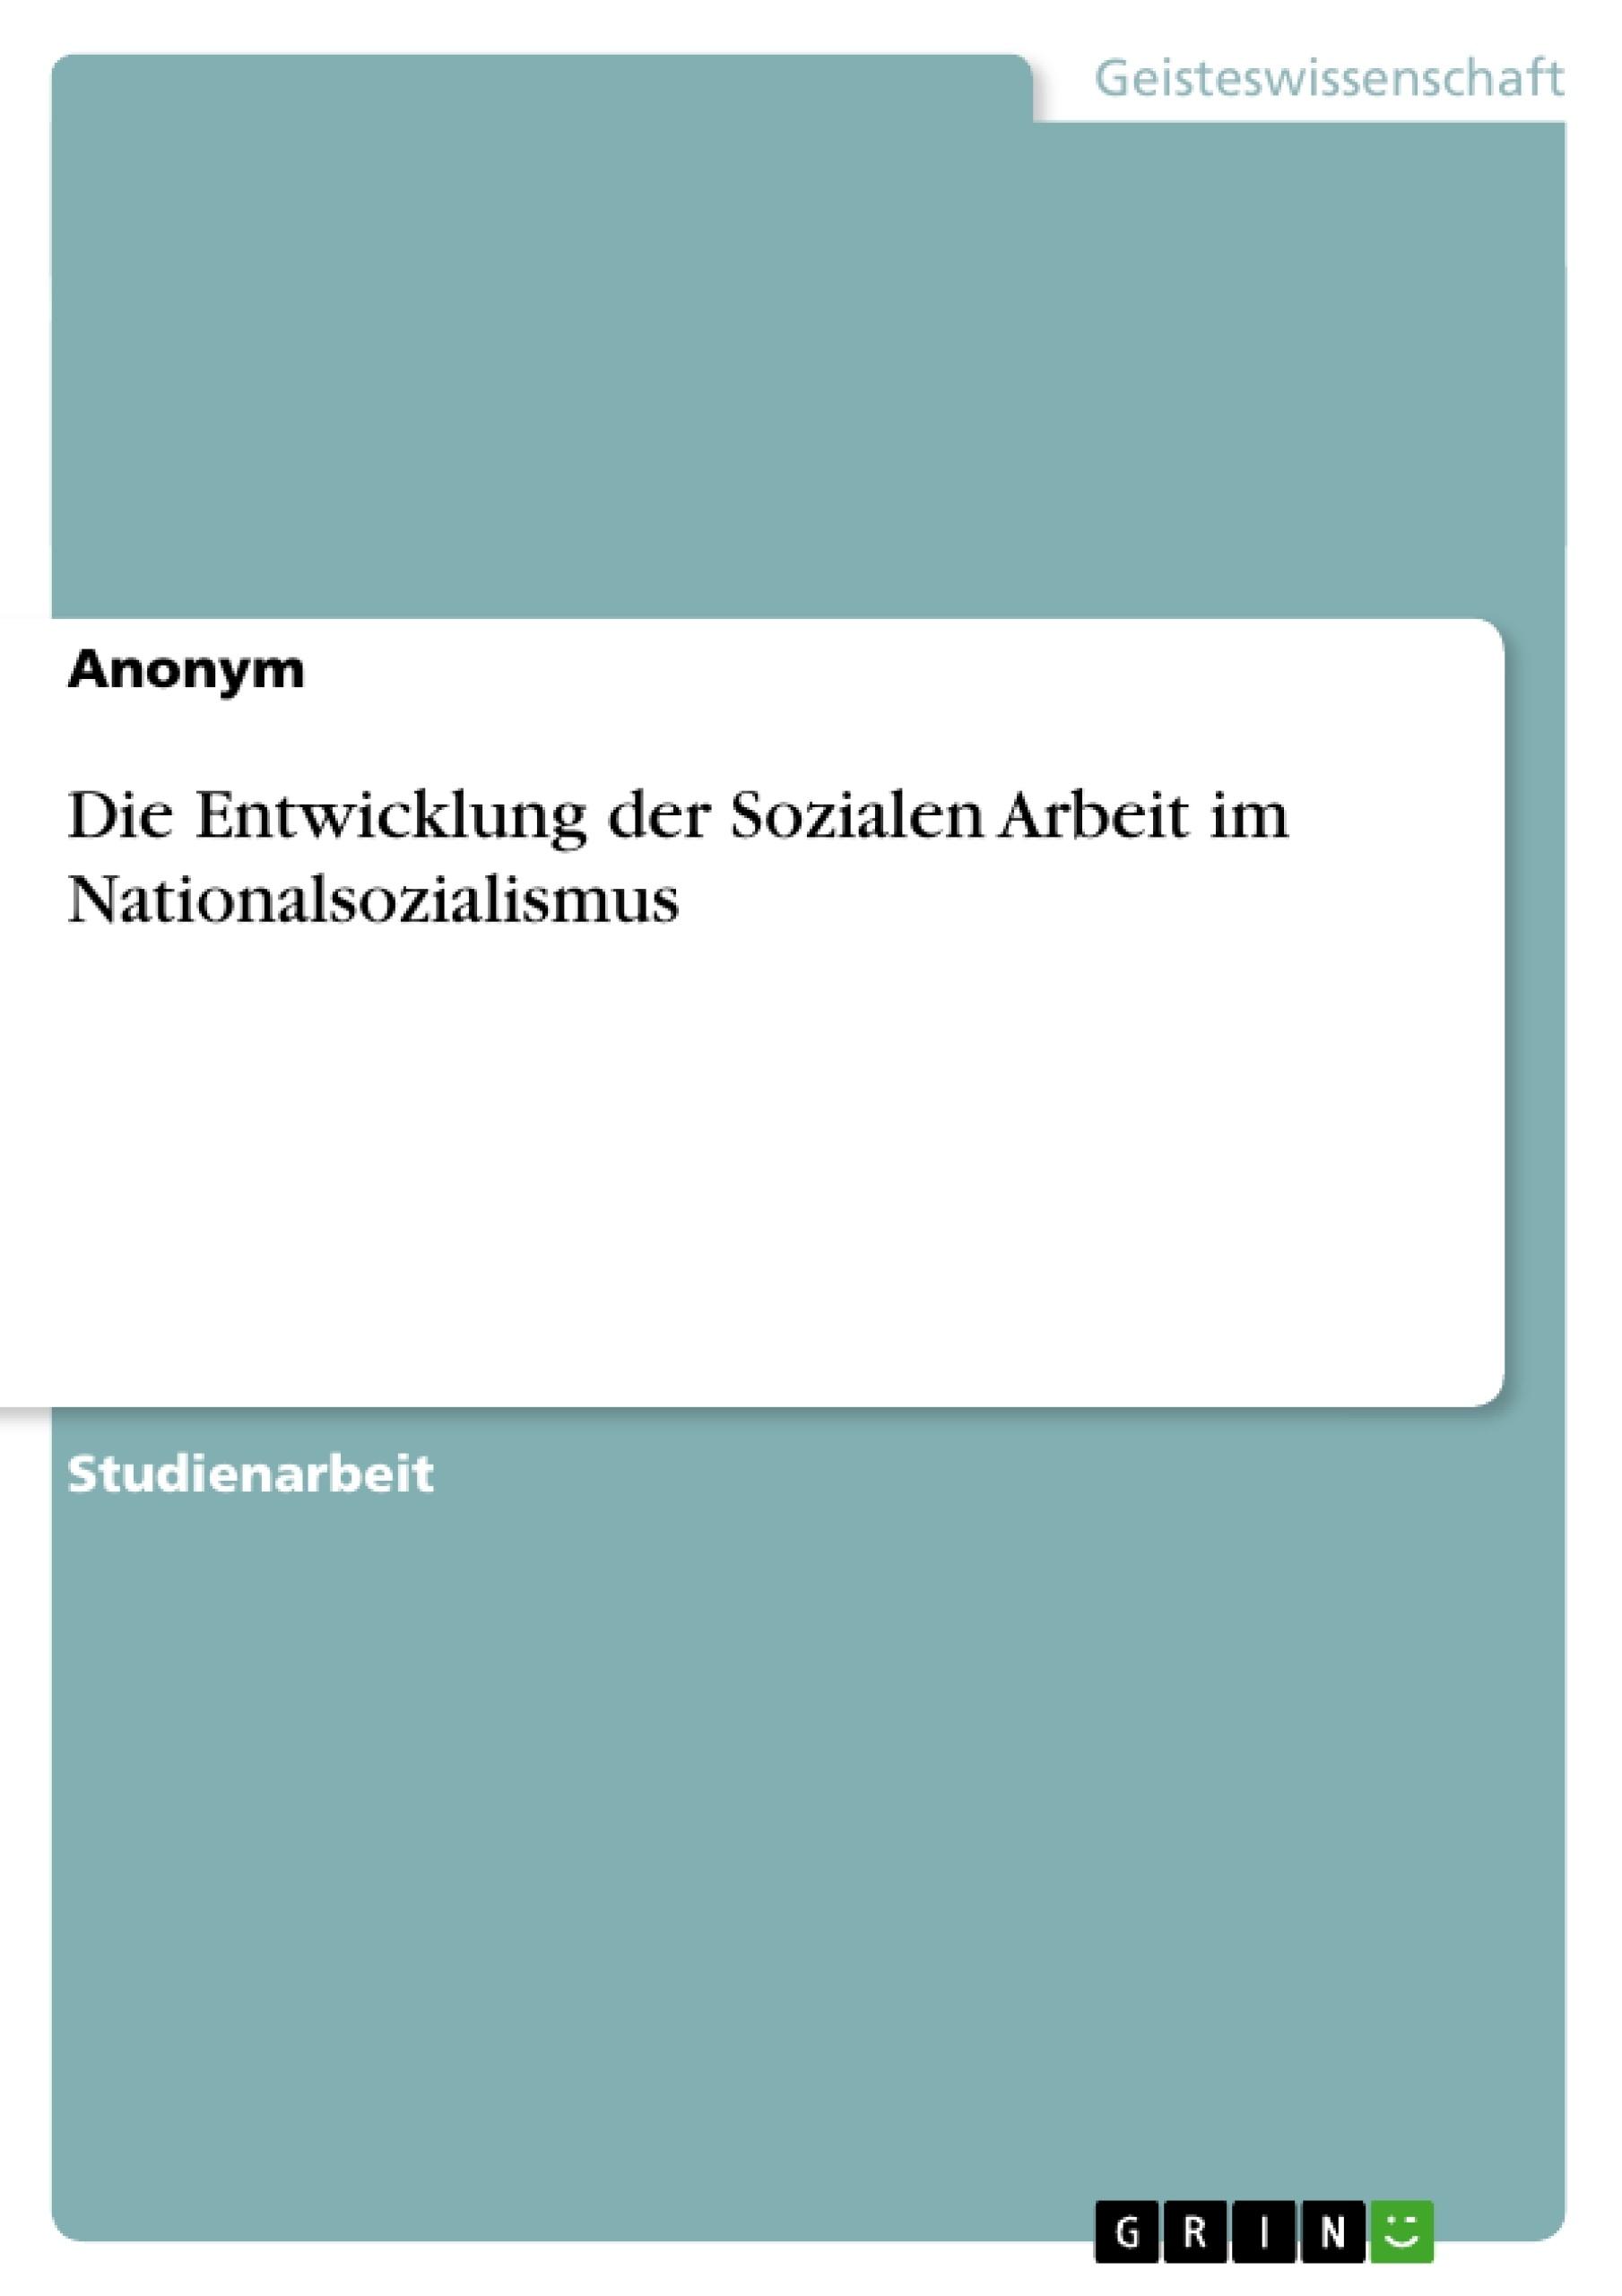 Titel: Die Entwicklung der Sozialen Arbeit im Nationalsozialismus